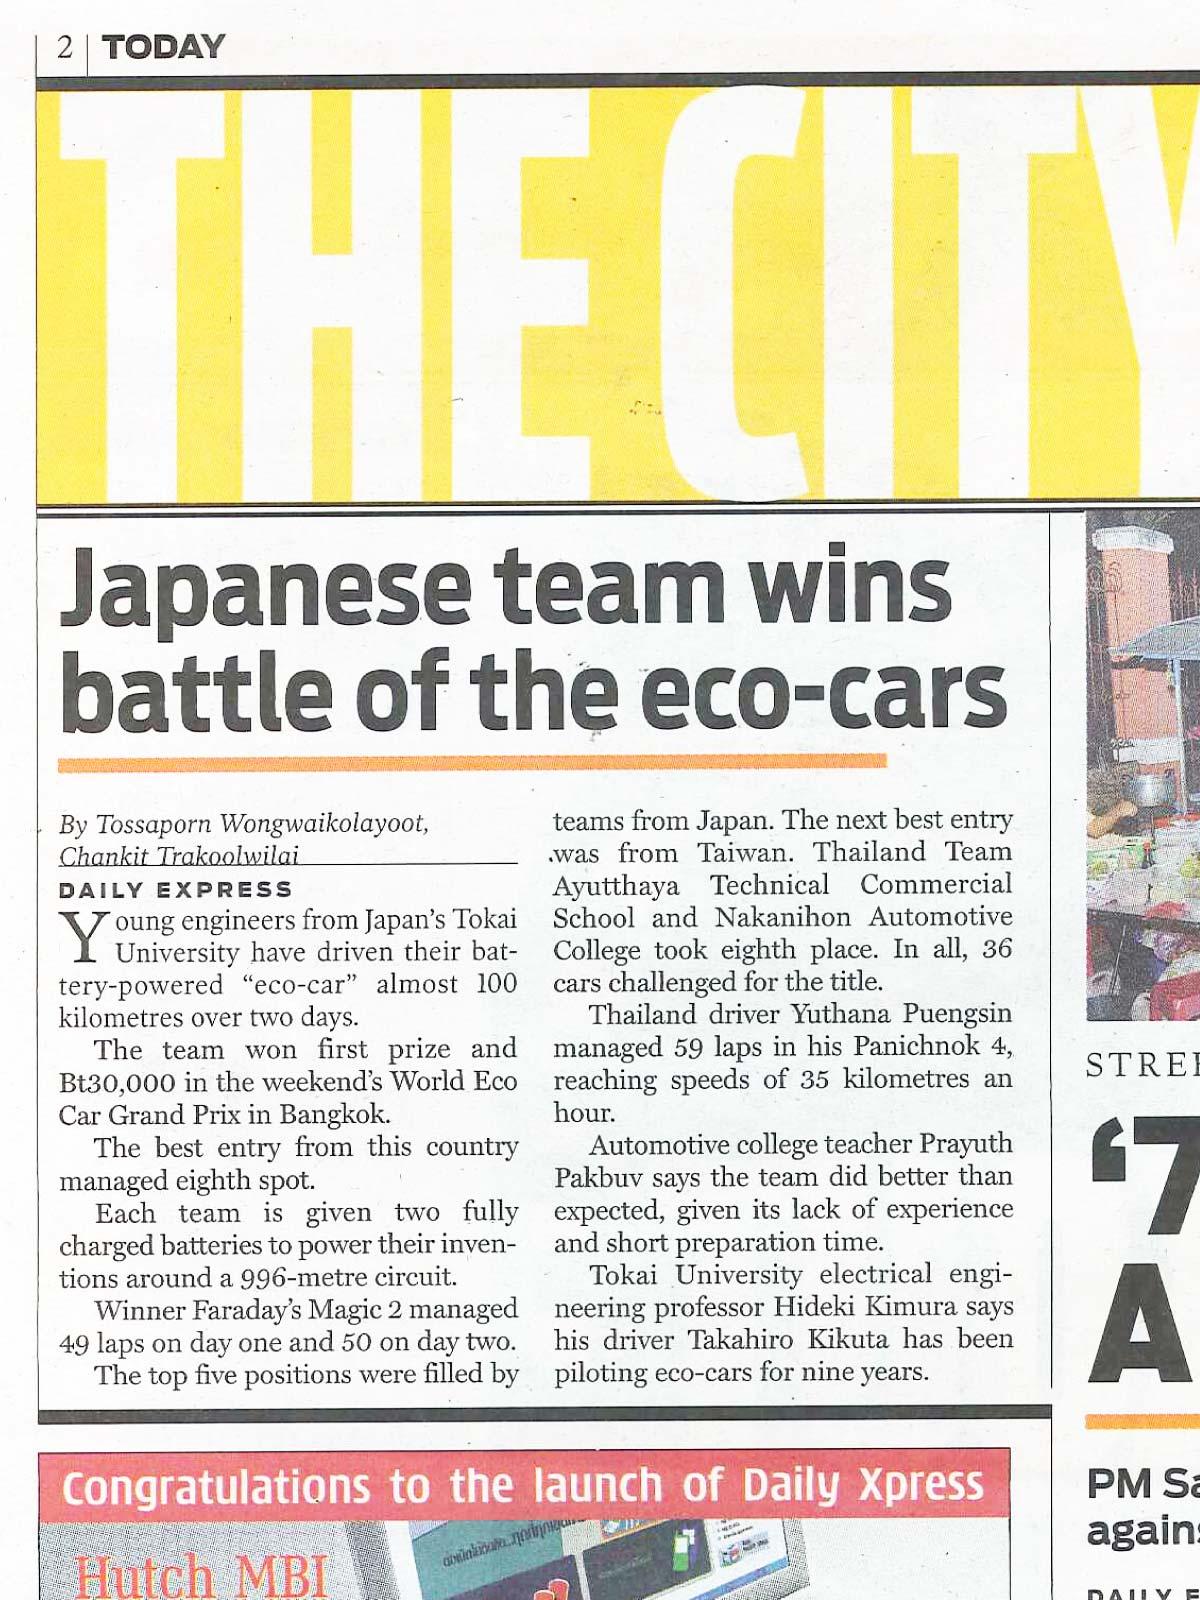 英字新聞Daily Expressで取り上げられ、CAR GRAPHIC... 東海大学木村研究